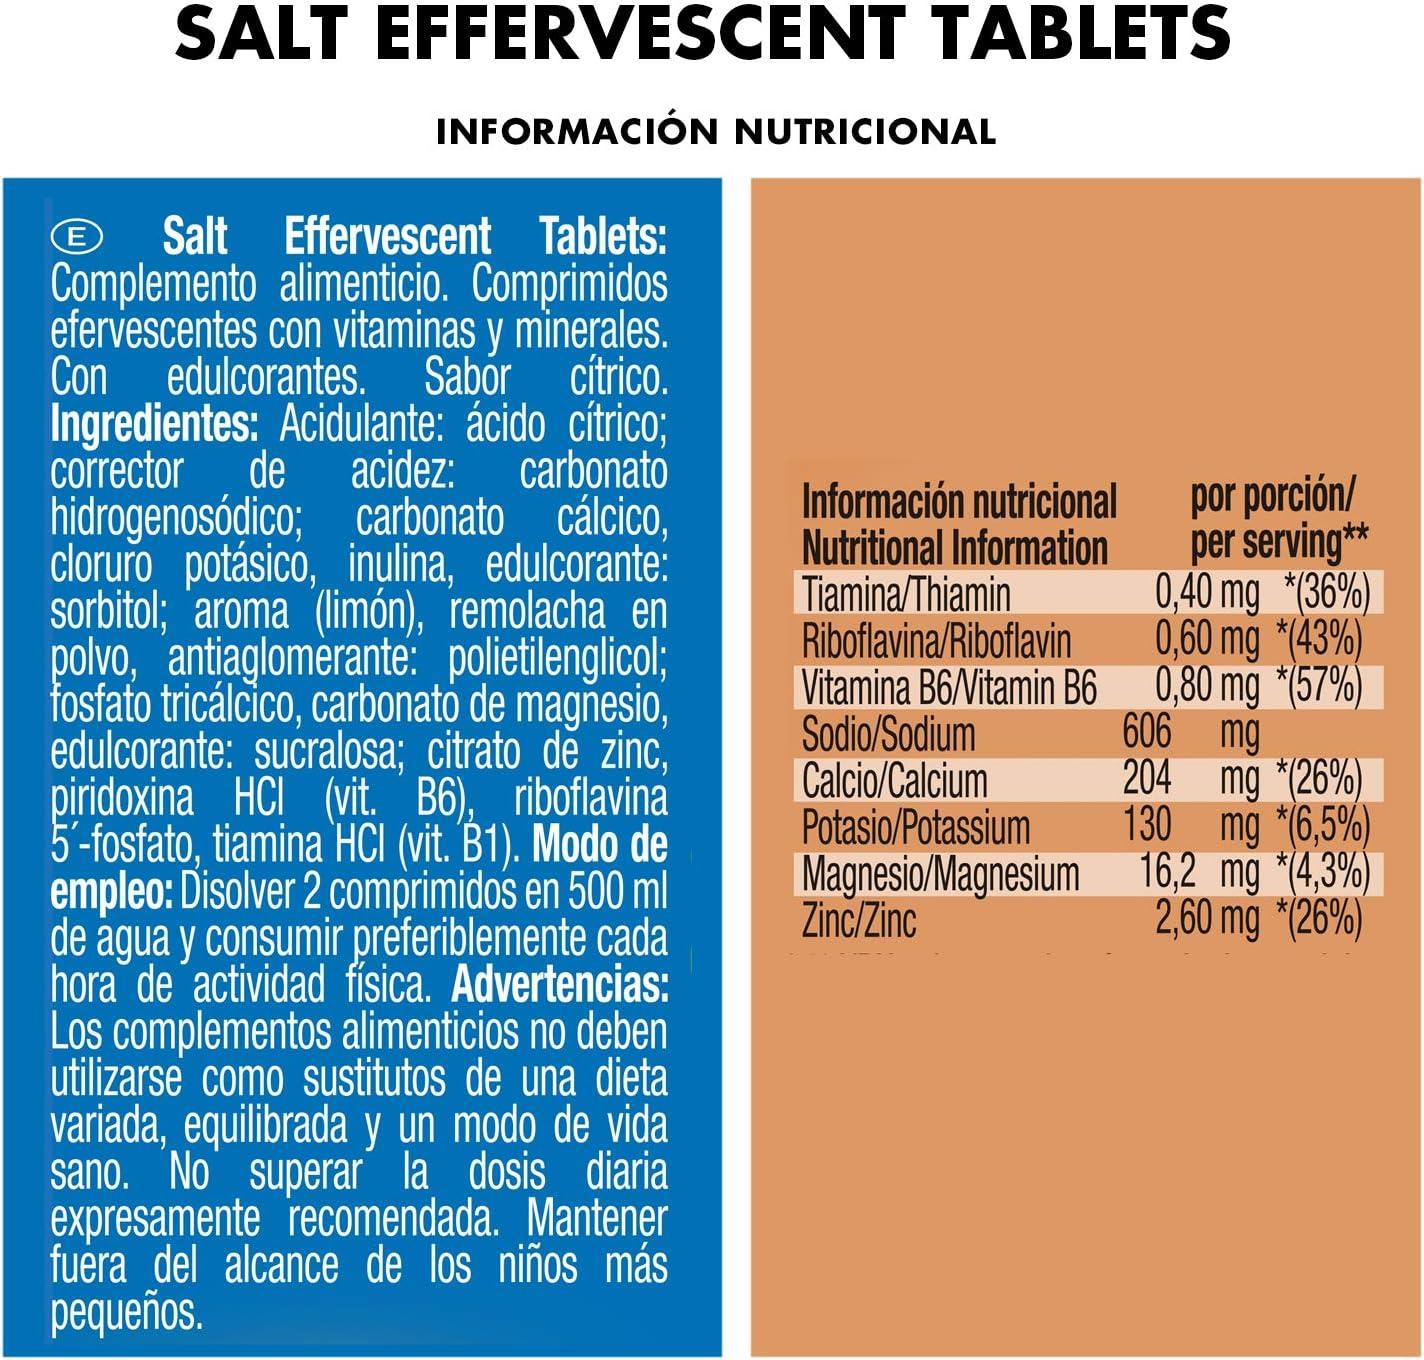 Victory Endurance Salt Effervescent Tabs 15 comprimidos por tubo. Con 5 electrolitos y 3 vitaminas ,Fácil disolución y sabor agradable, Apto para veganos, sin gluten, sin lactosa: Amazon.es: Salud y cuidado personal